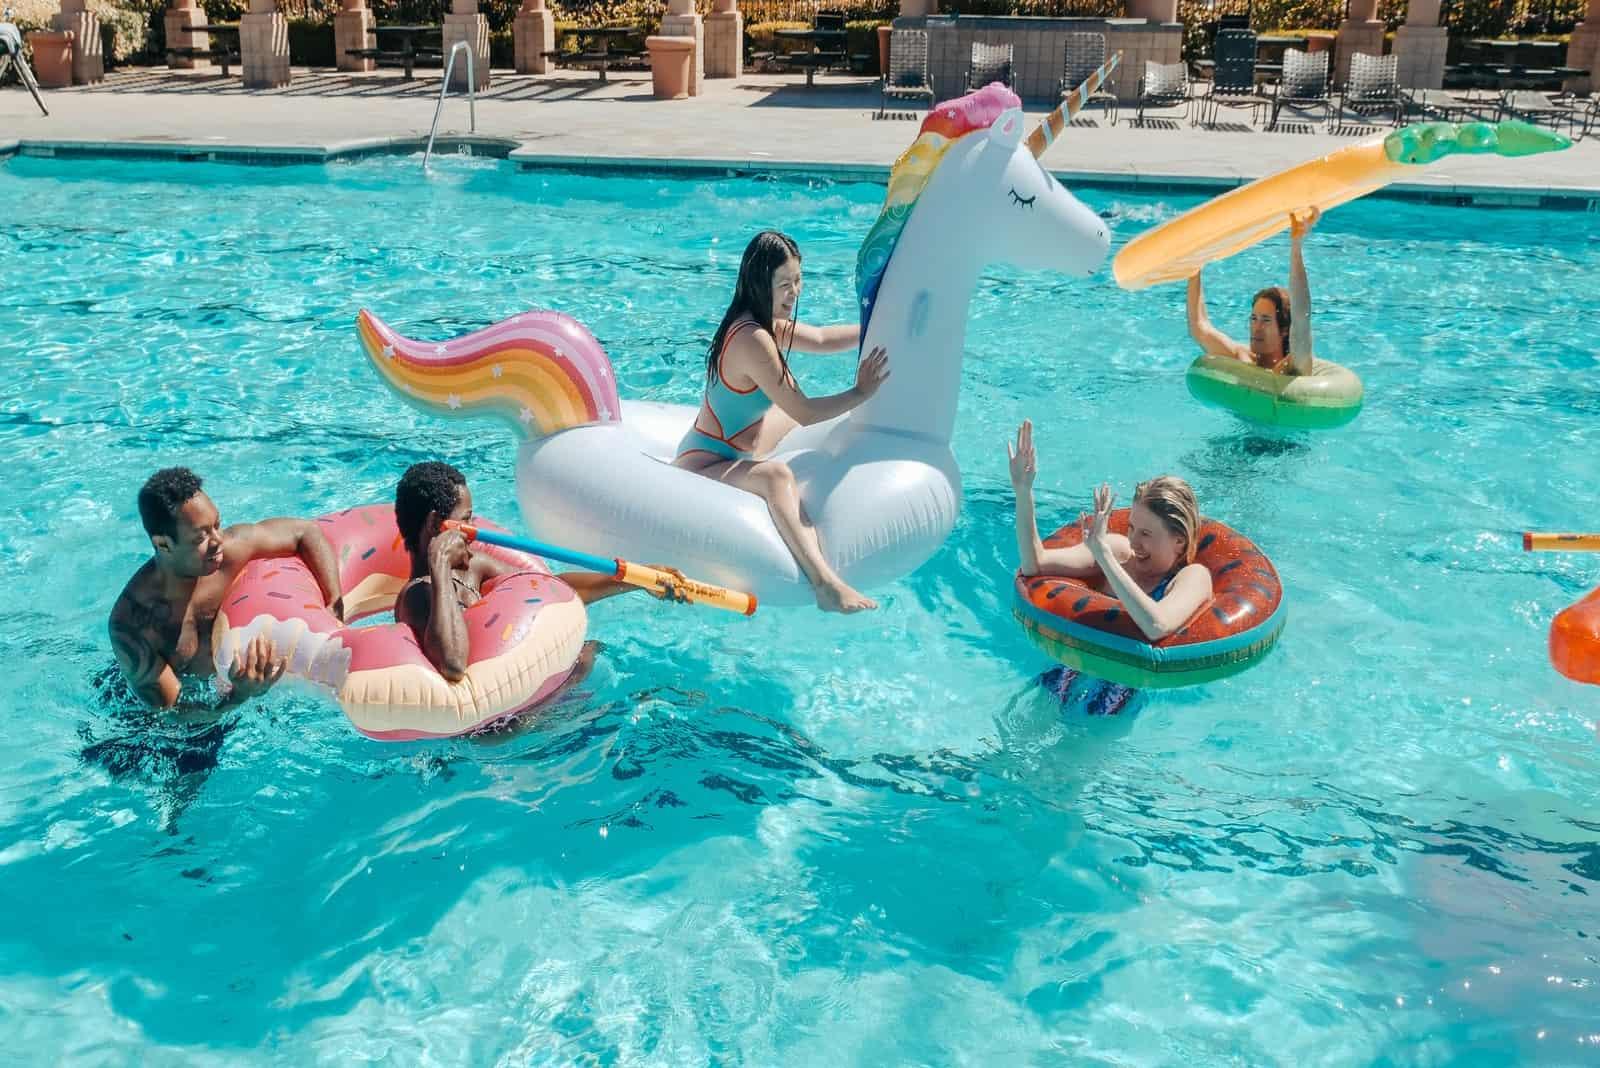 des amis s'amusant dans une piscine